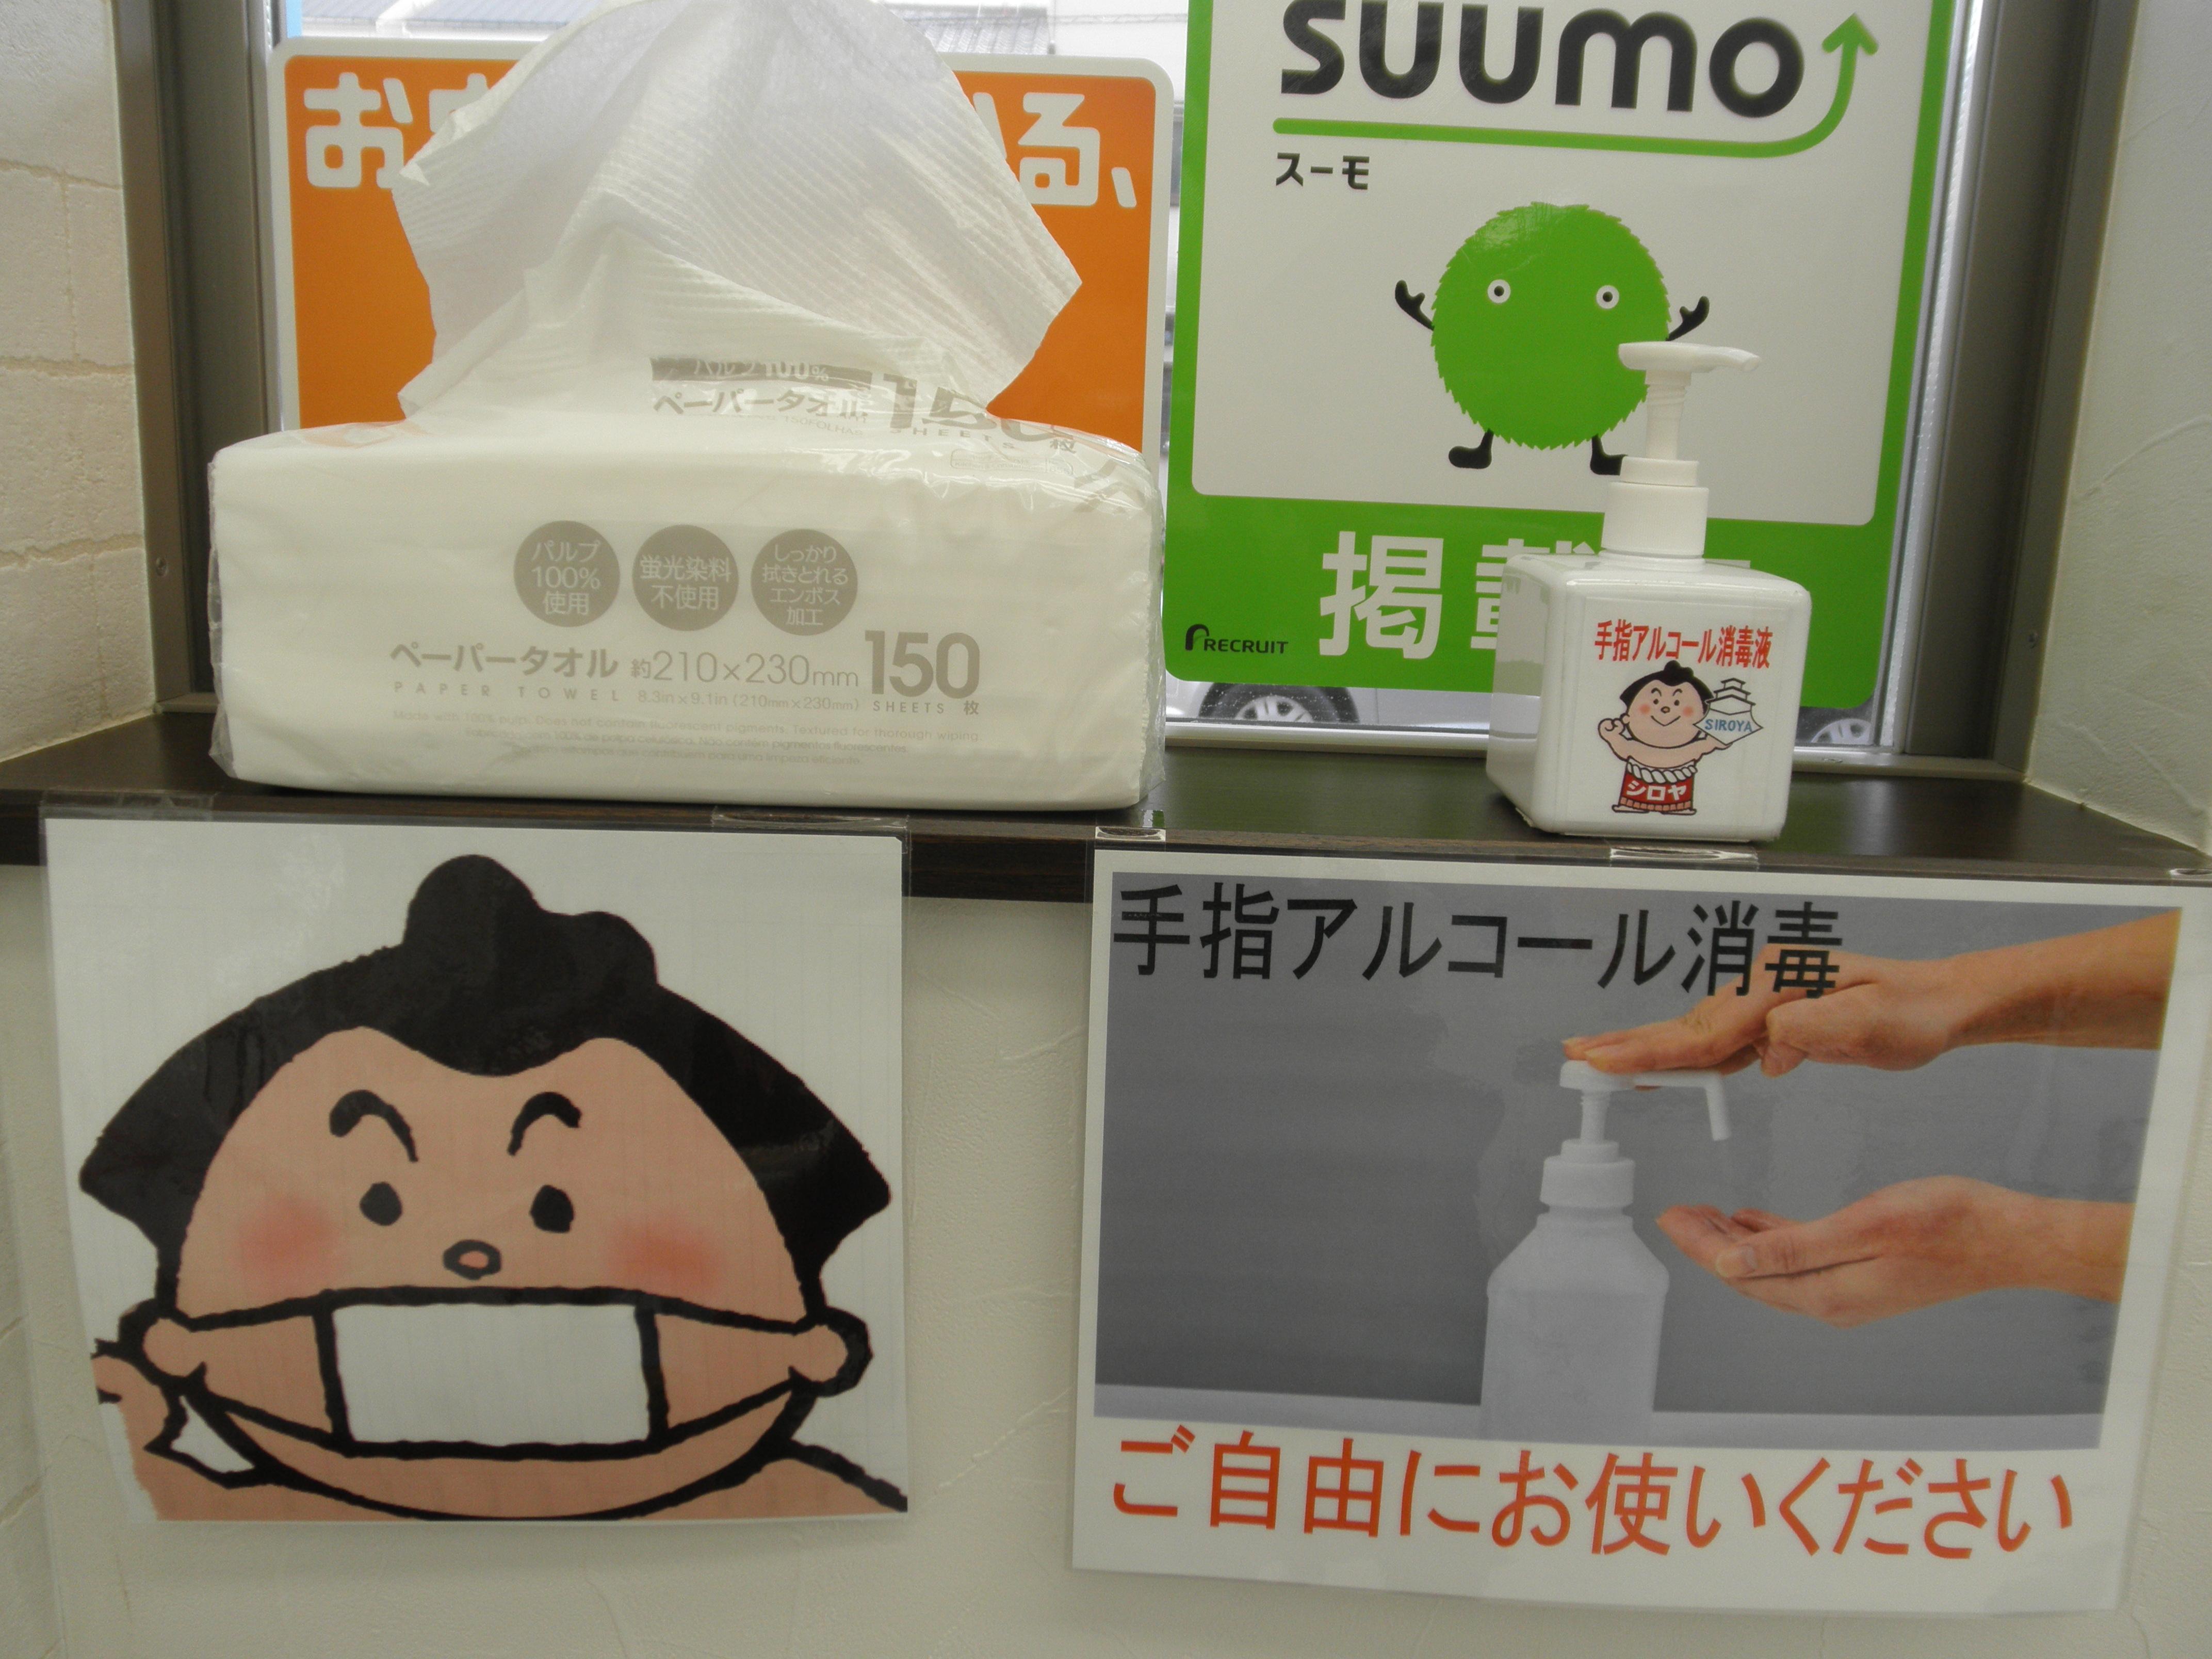 ◆◆◆◆◆新型コロナウイルス感染対策について◆◆◆◆◆ 1、当社では、お客様に安心してご利用して頂けるように、店内を消毒するなどの対策をしております。  2、当社では1日2回、朝夕必ず健康チェック(発熱・臭覚・味覚)を   行っています。   帰社時は石鹸手洗い、アルコール消毒の徹底を行っています。   予防対策として、マスク着用、防菌ブロッカーを着用しています。  3、店頭でのアルコール消毒設置をしております。